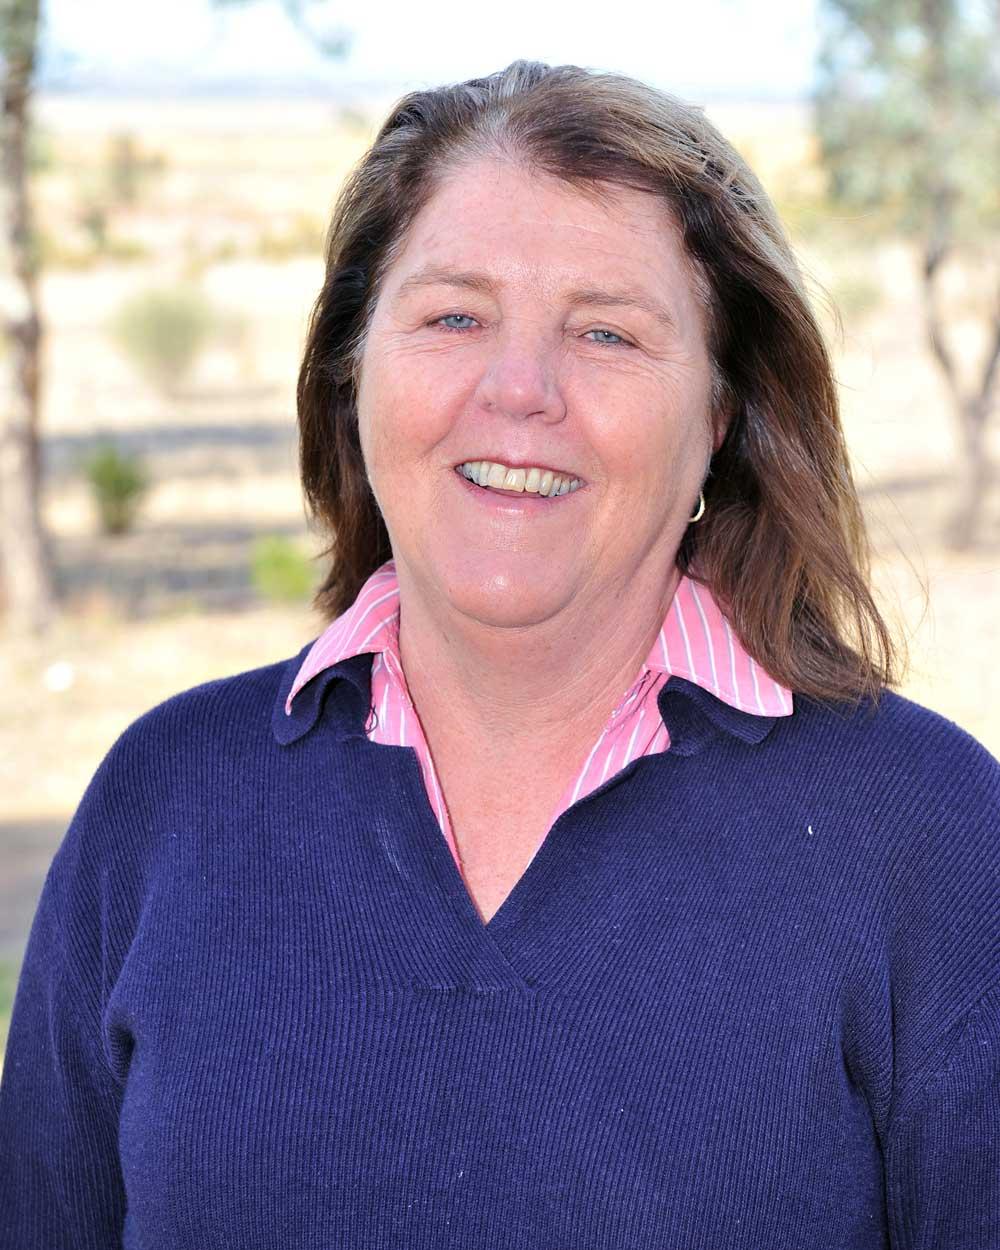 Sue Lebish, Member